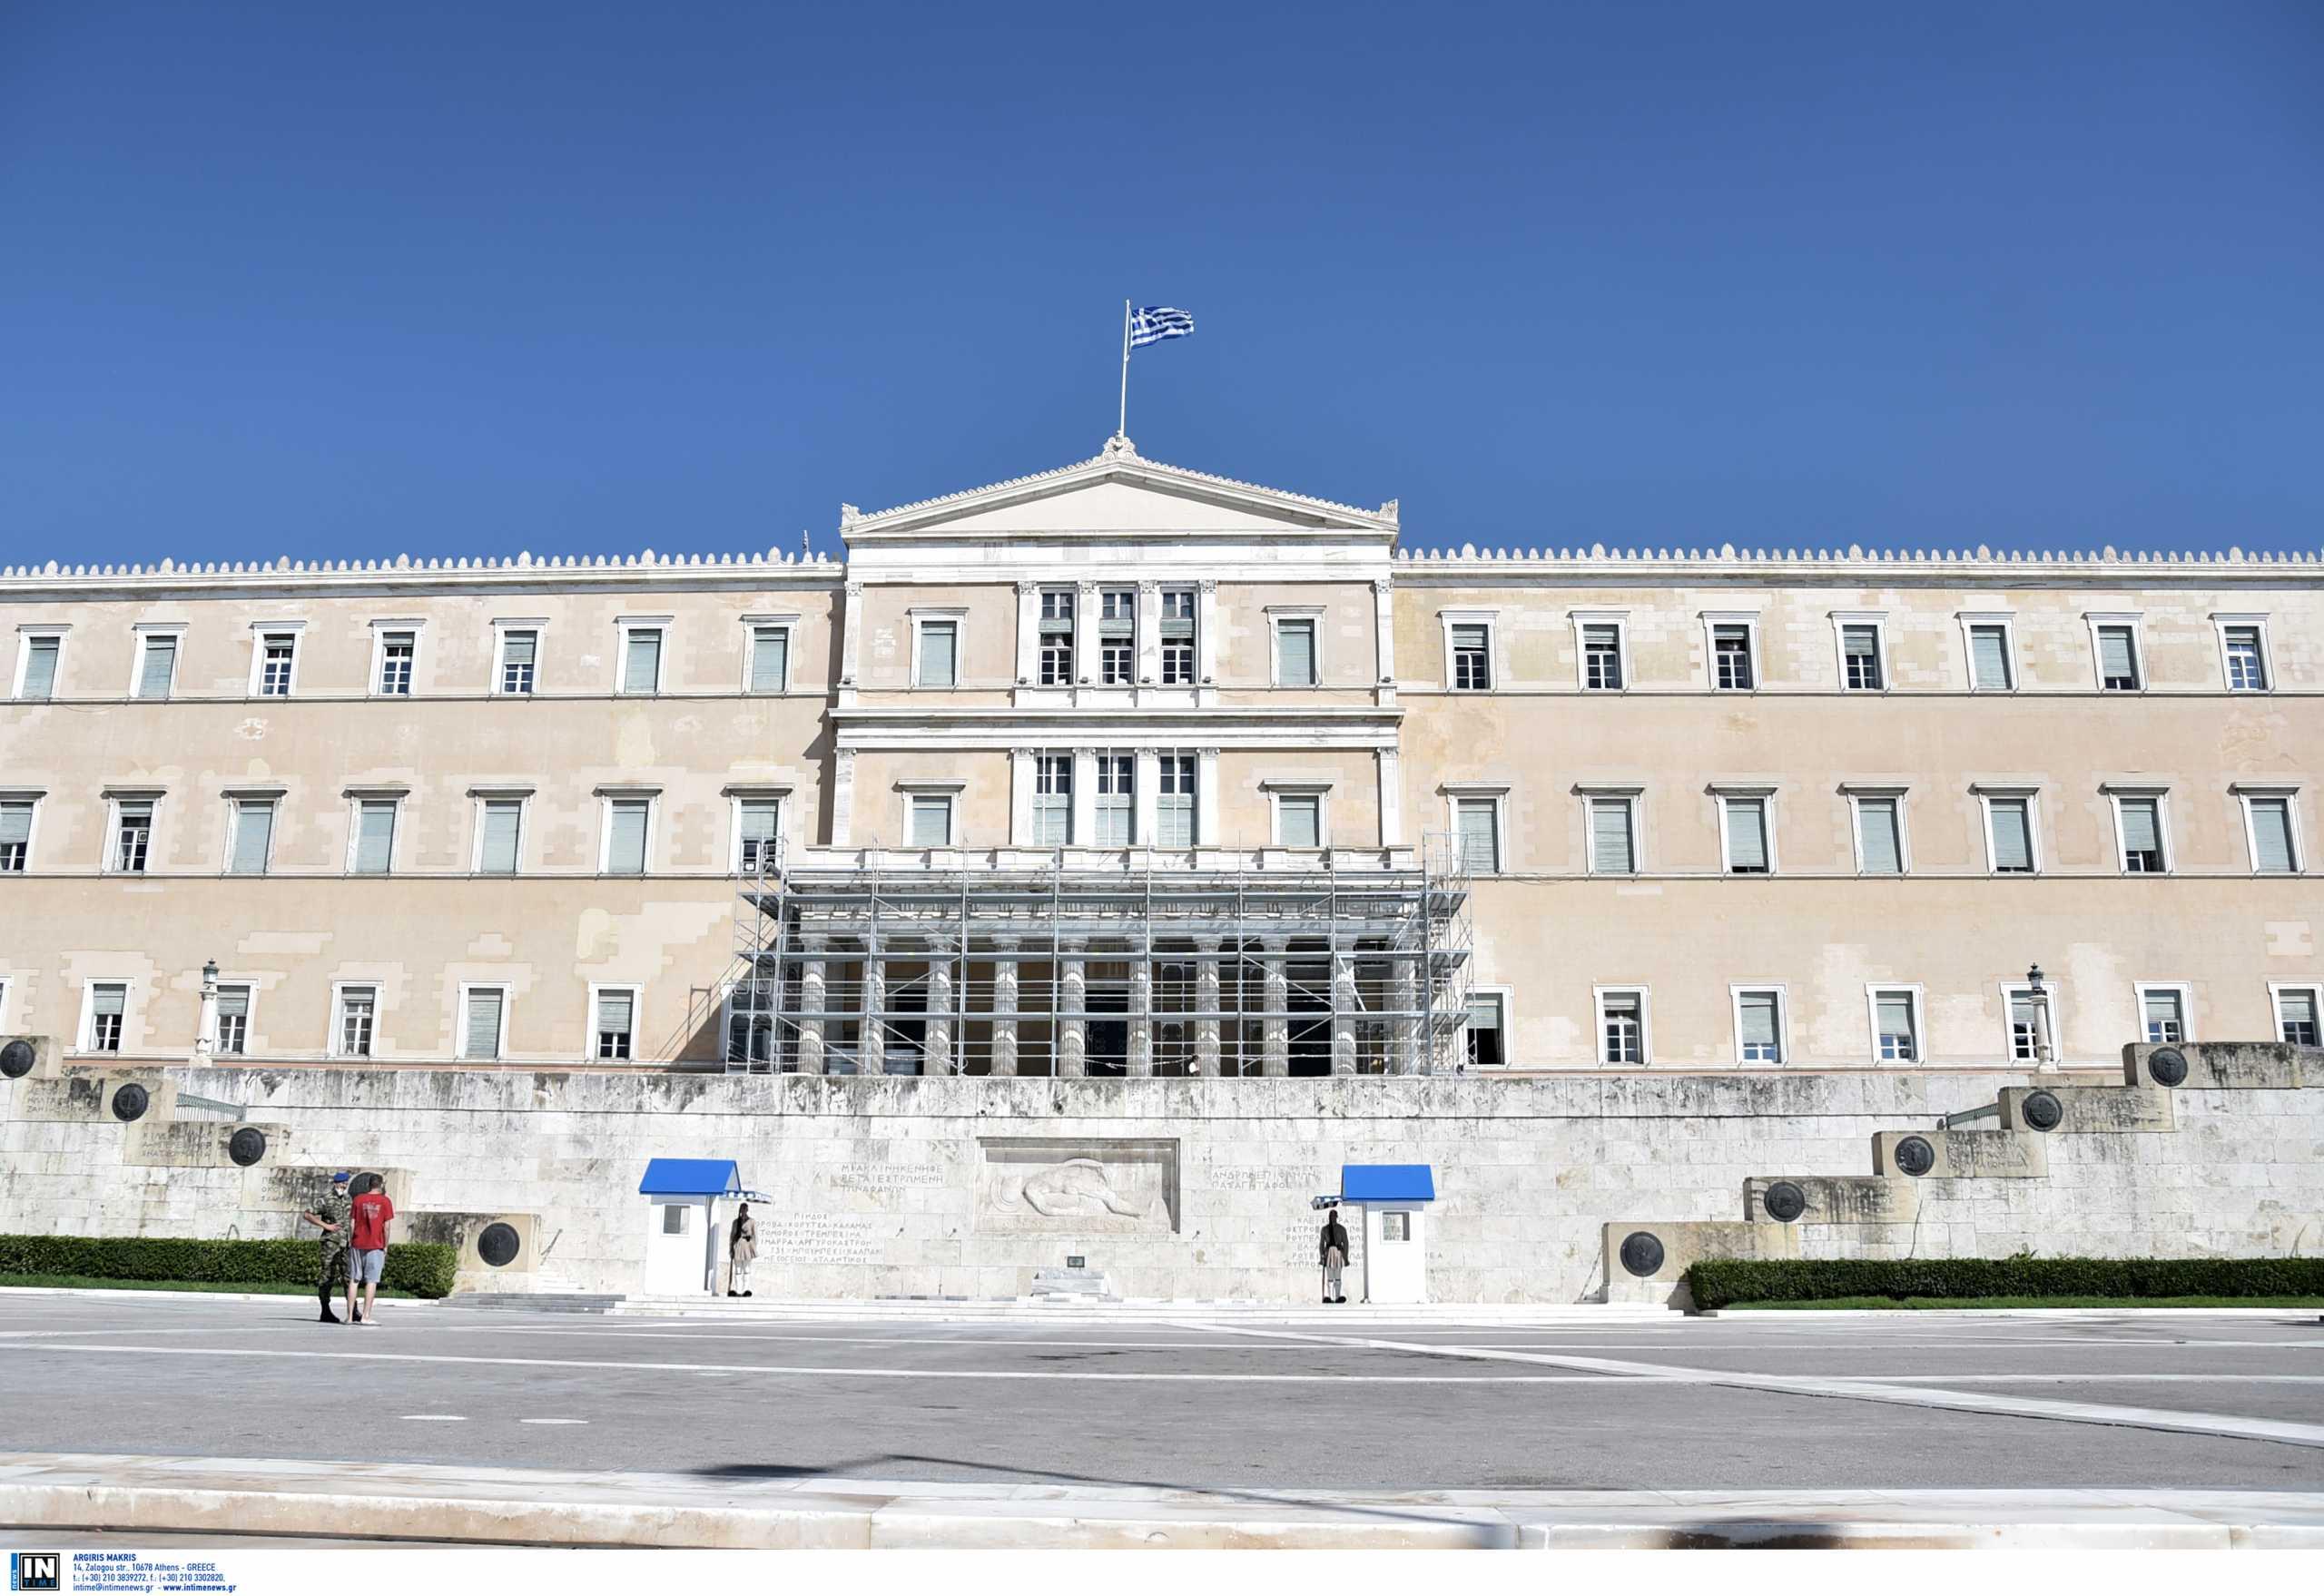 Υπόθεση Φουρθιώτη: Στον εισαγγελέα αίτημα διαπίστευσης του ως κοινοβουλευτικού συντάκτη